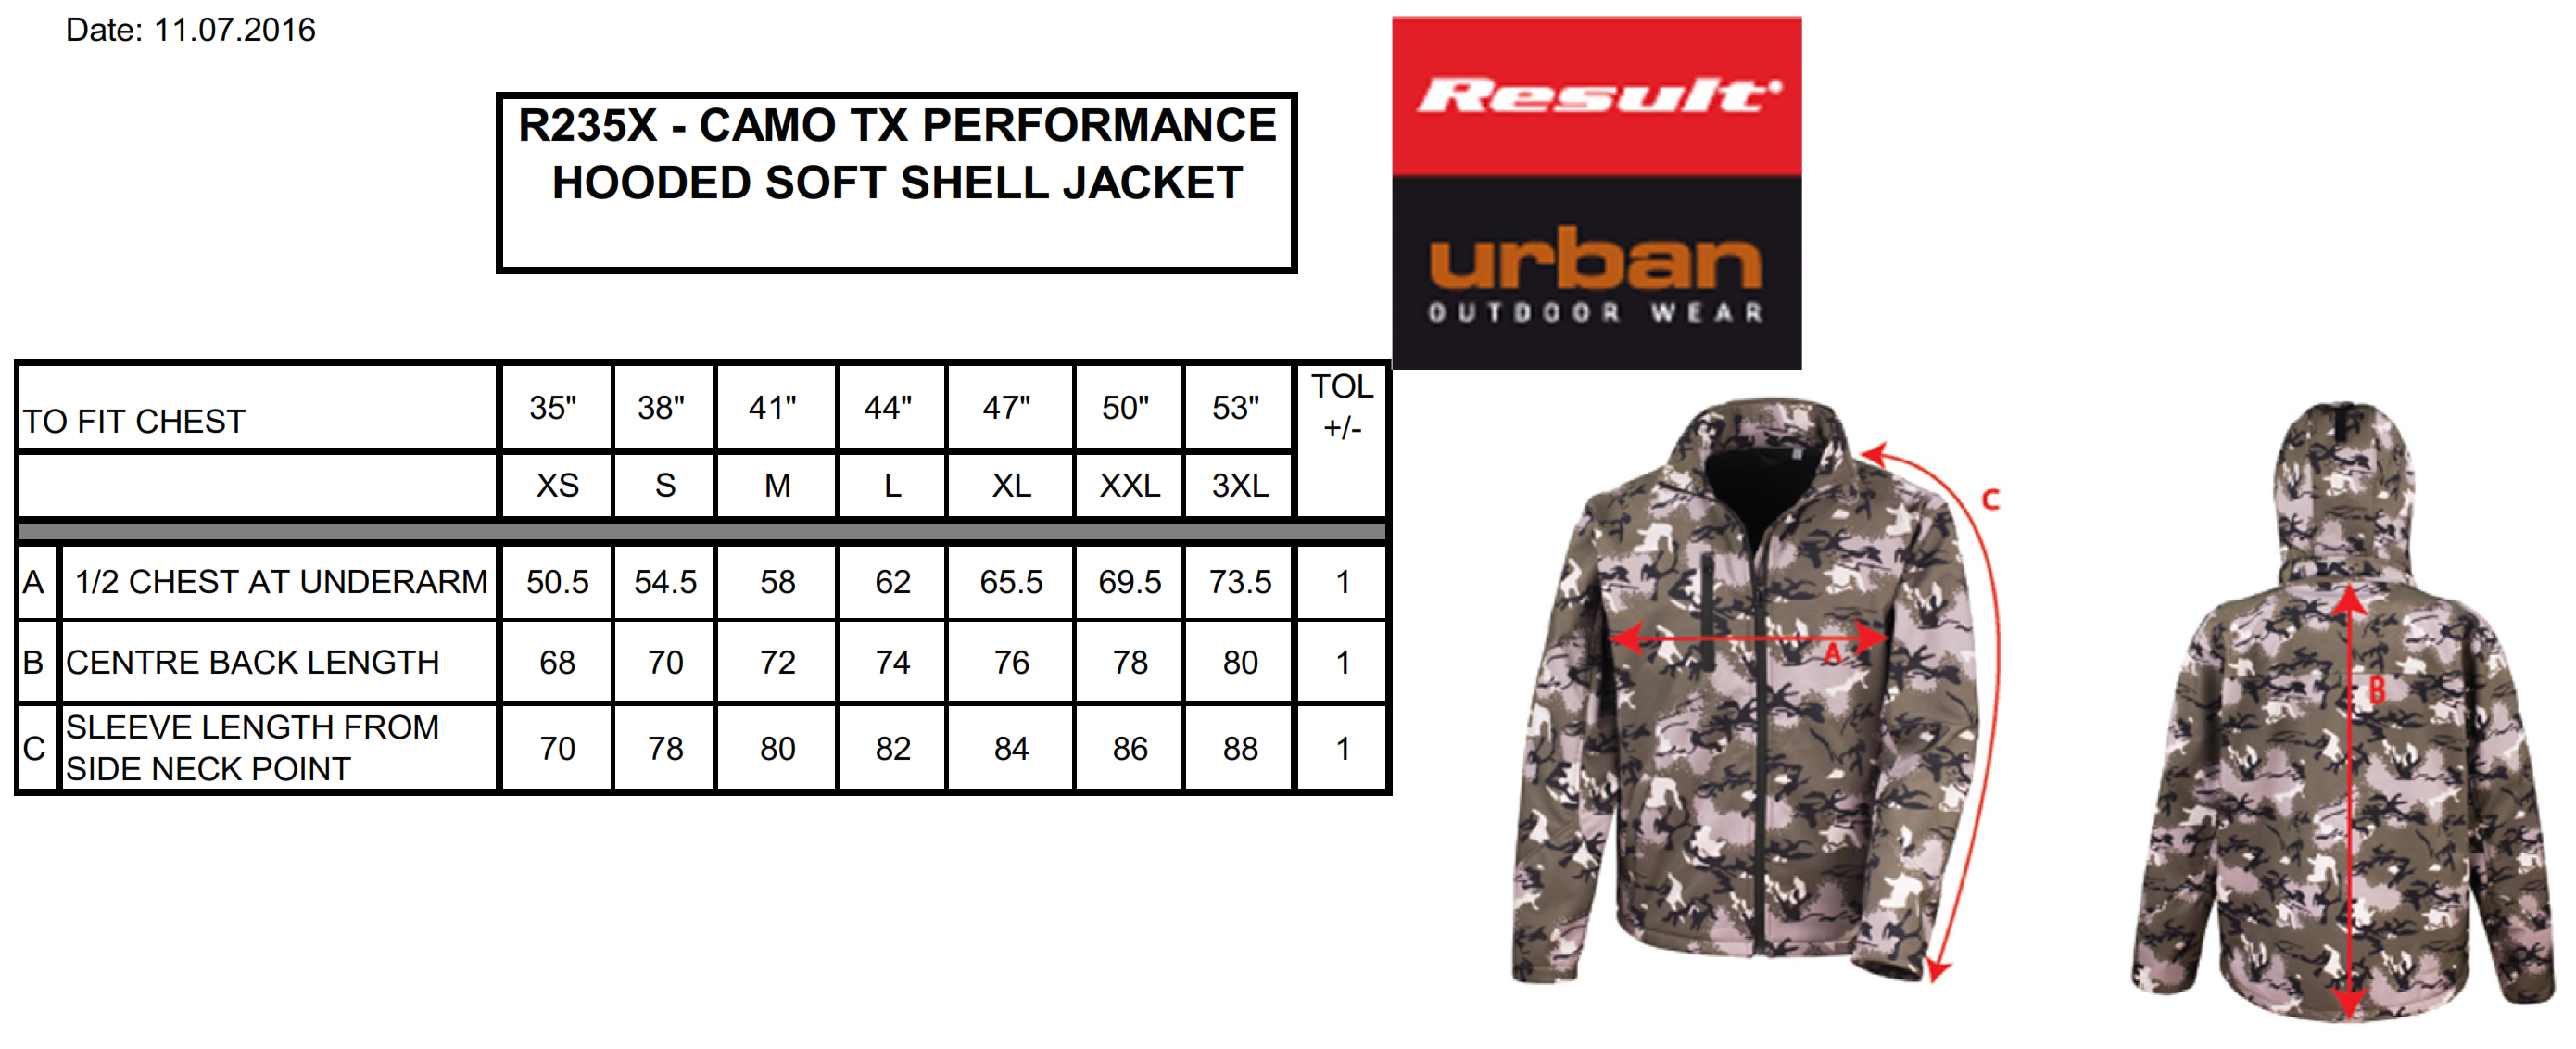 Result: Camo TX Performance Hooded Softshell R235X